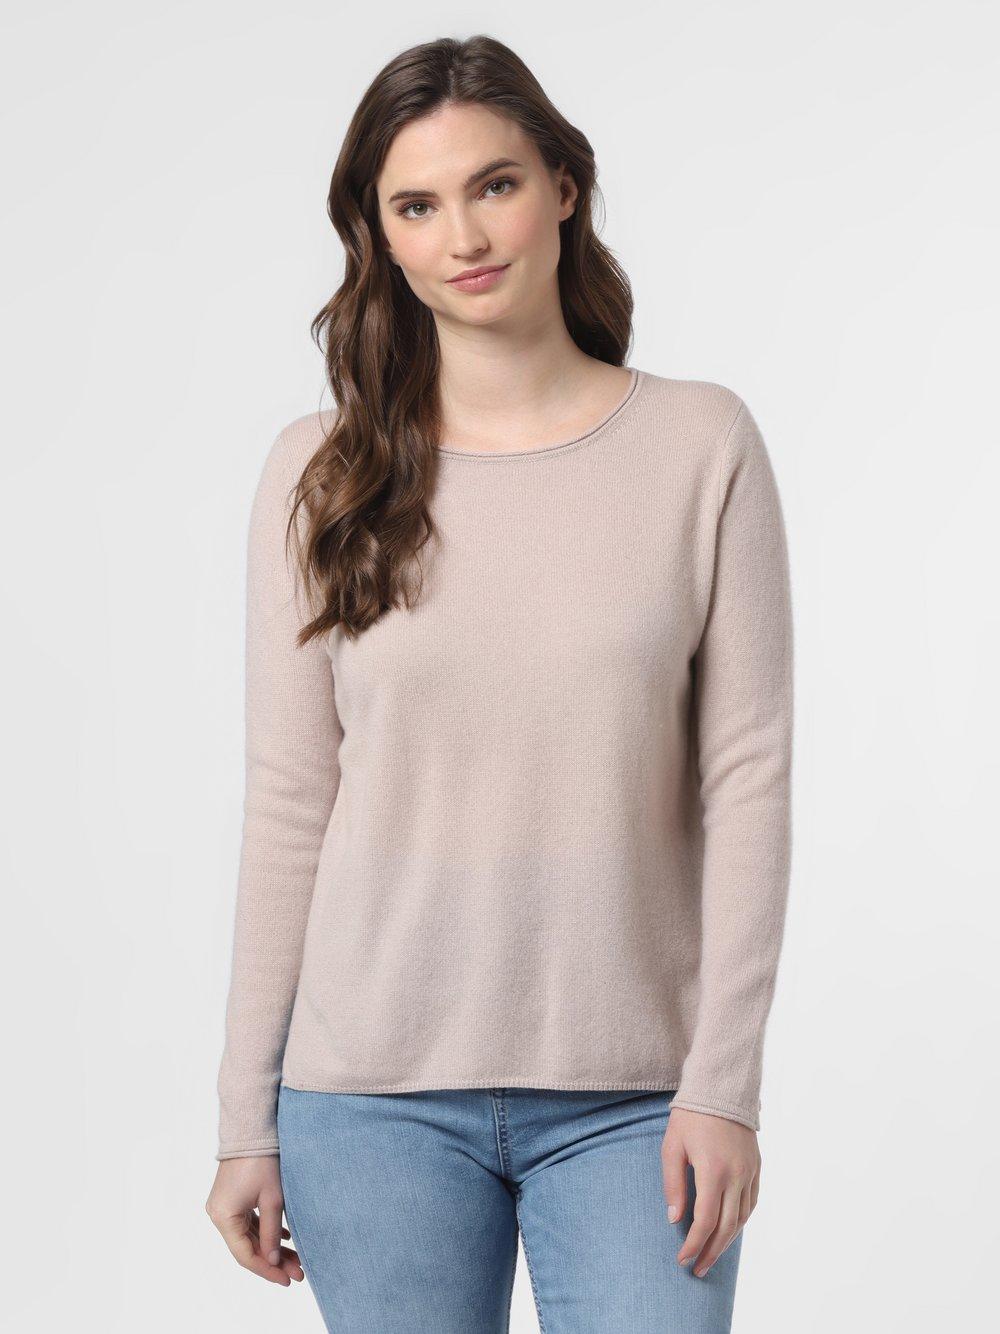 SvB Exquisit – Sweter damski z czystego kaszmiru, beżowy Van Graaf 461335-0003-00340